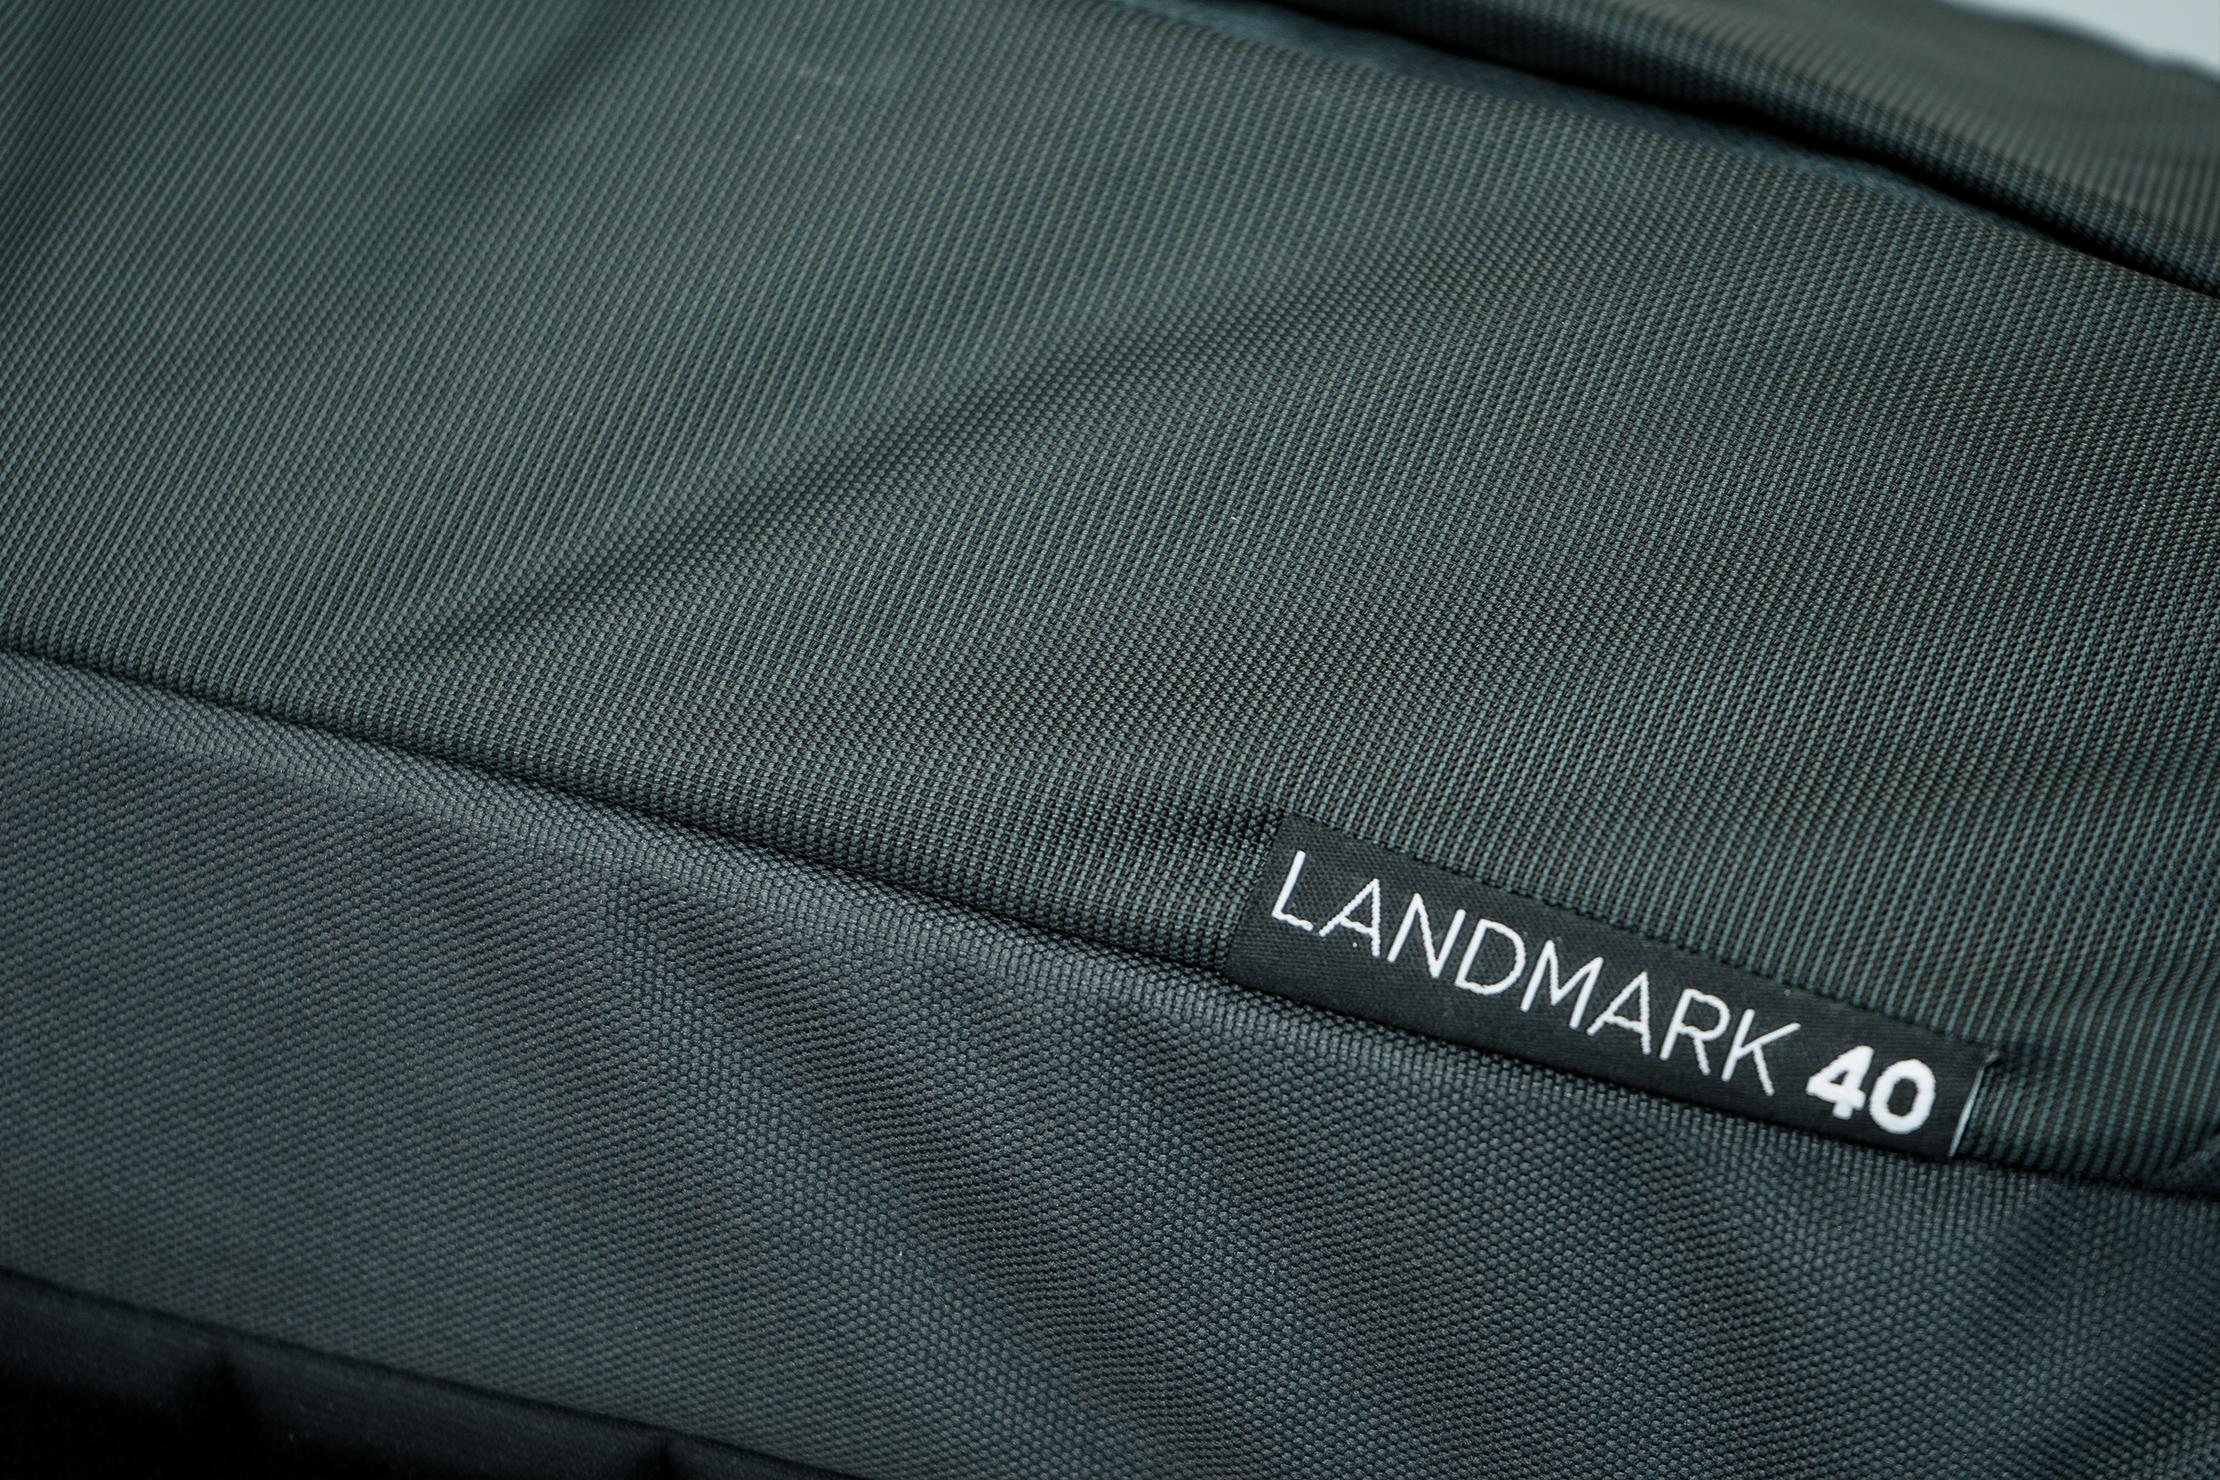 Thule Landmark 40L Material & Name Tag